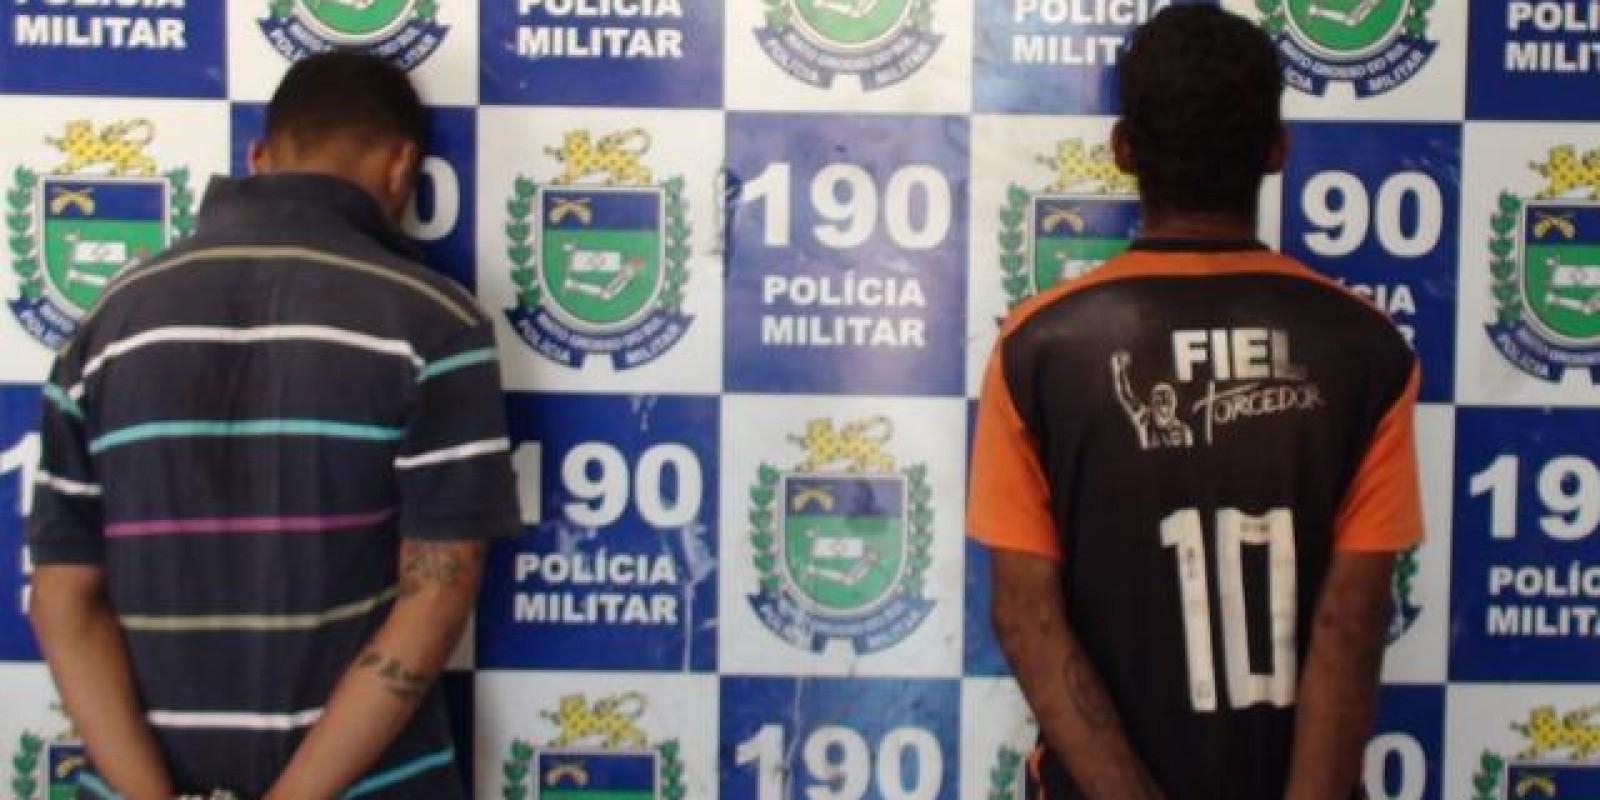 Dupla é presa suspeita de tráfico de drogas no banheiro da Praça Senador Ramez Tebet